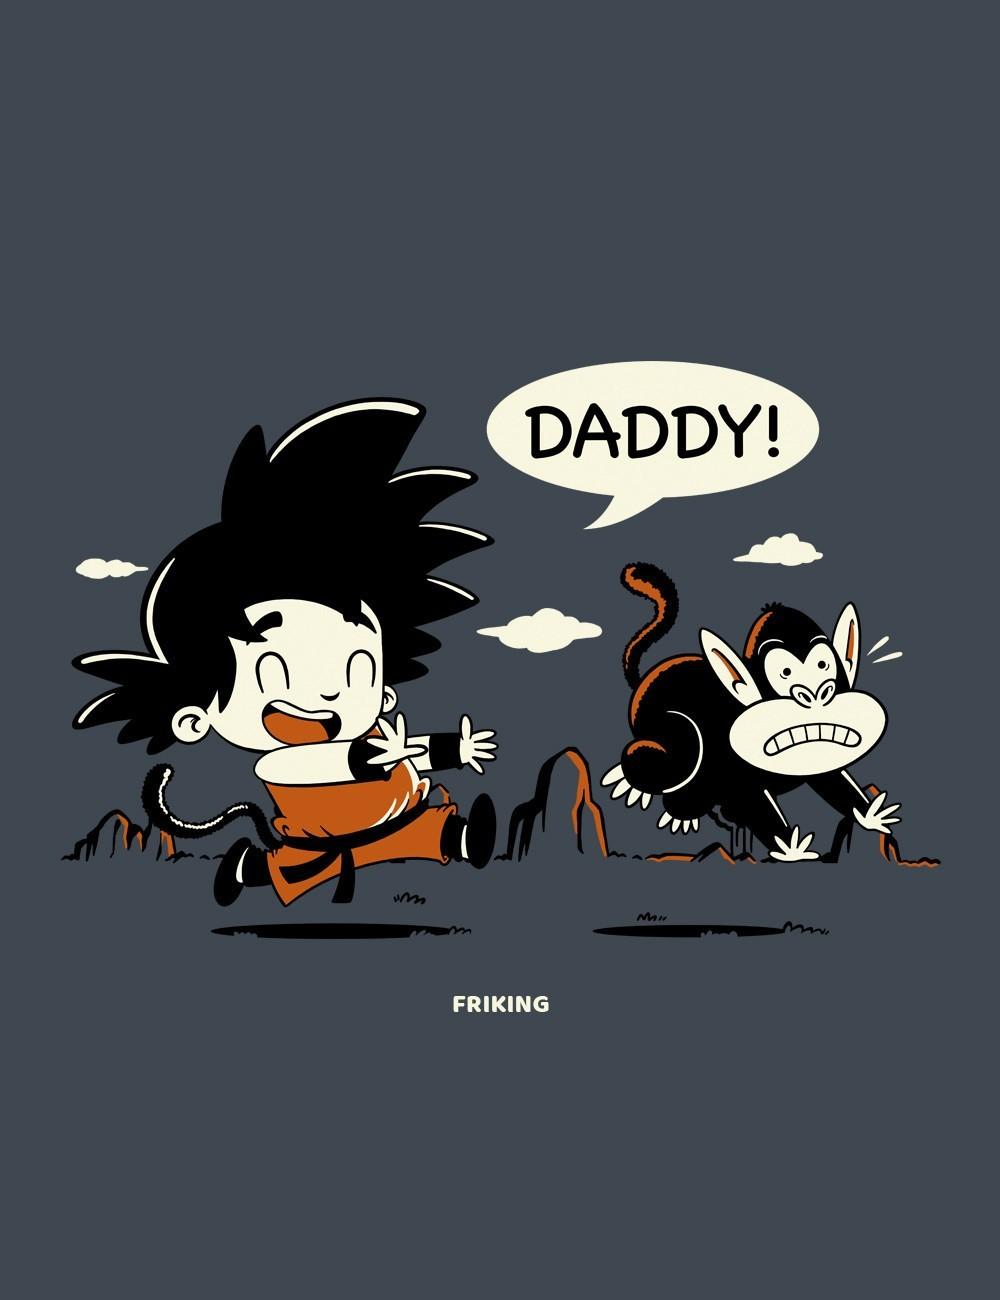 Monkey daddy